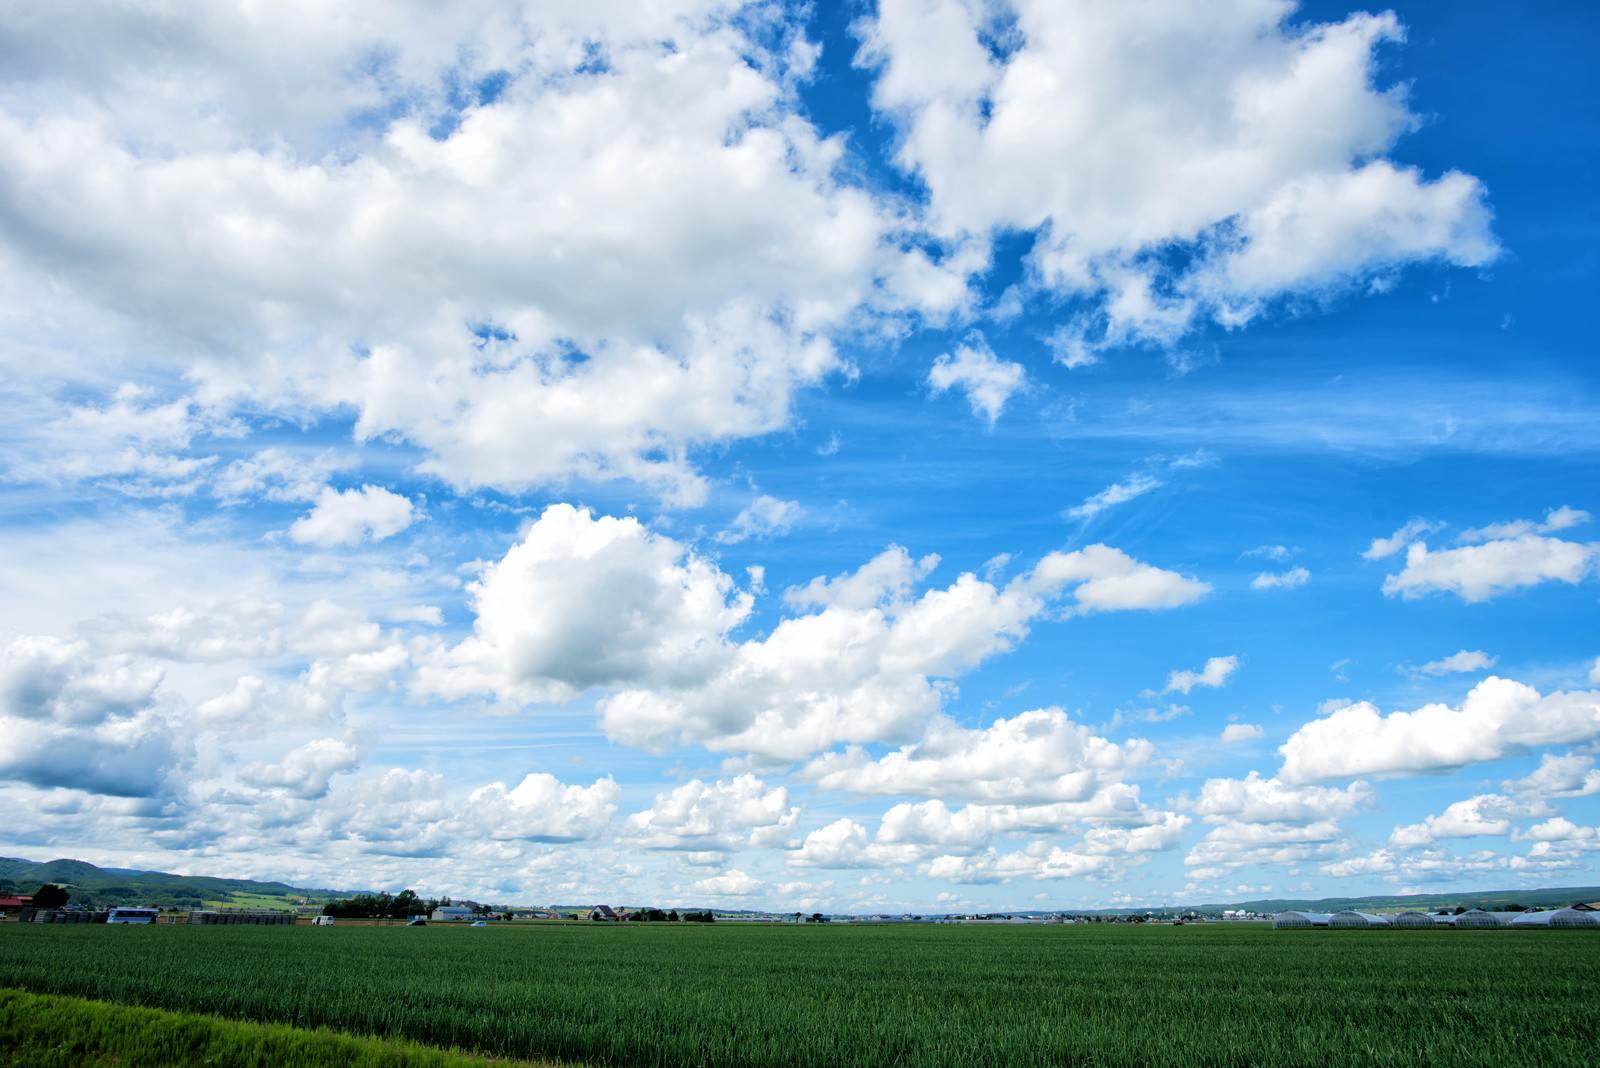 「北海道の広大な畑と空」の写真